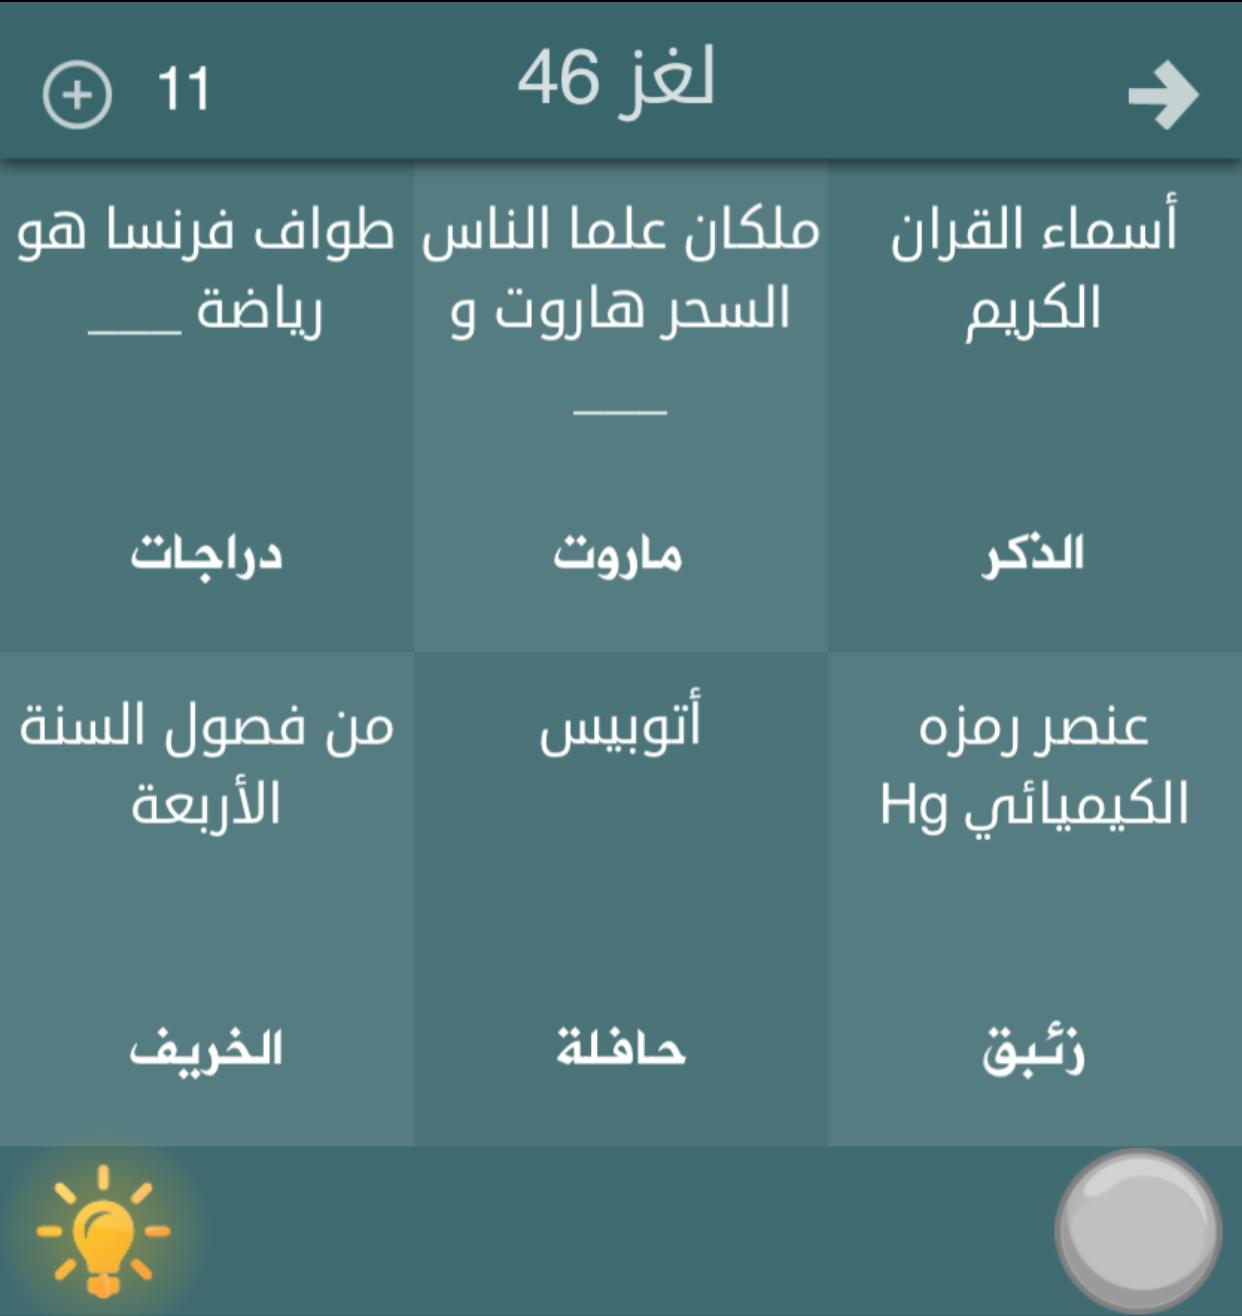 هل تعلم حل الغاز لعبة فطحل العرب المجموعة الثالثة من 41 الى 60